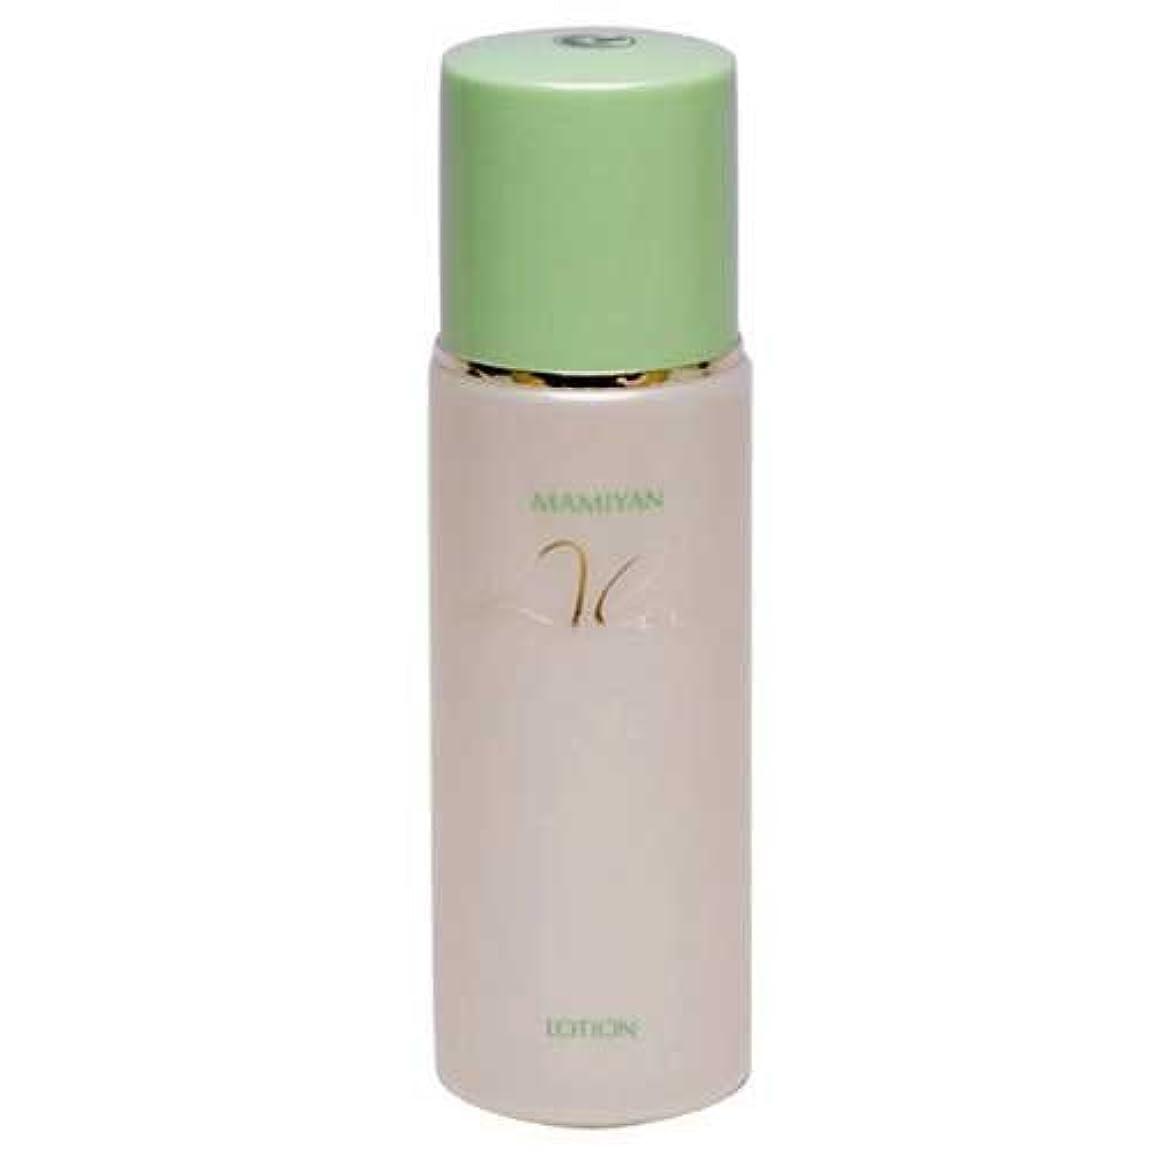 家禽療法たまにマミヤンアロエ基礎化粧品シリーズ アロエローション 120ml 肌にやさしくなじむ化粧水